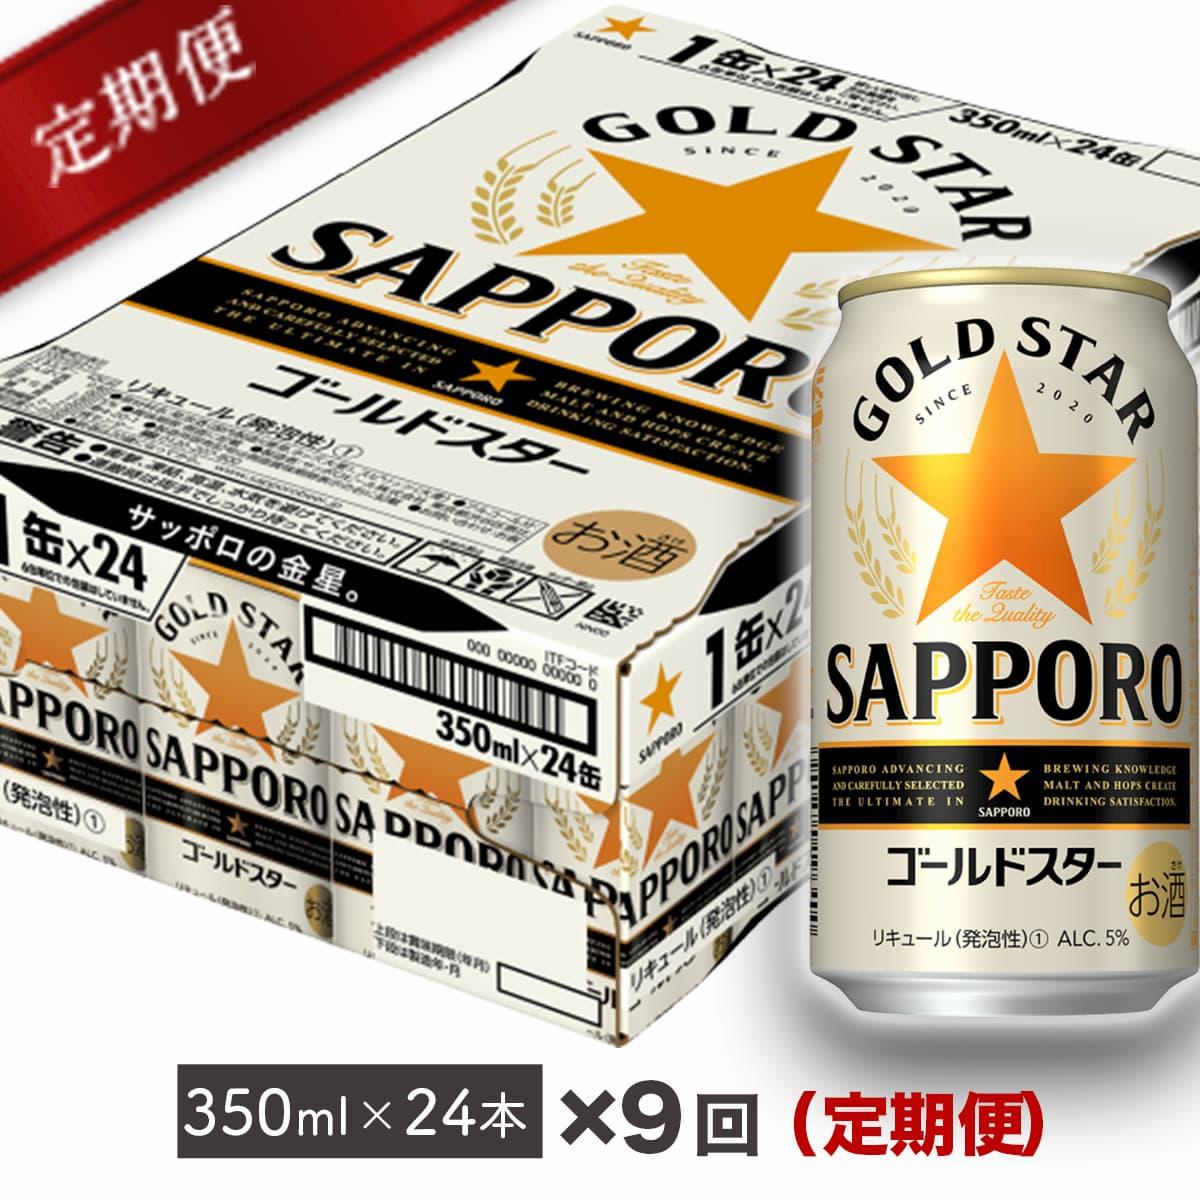 【ふるさと納税】地元名取産 サッポロ ゴールドスター 金星 350ml缶×24本(1ケース)を9回お届け